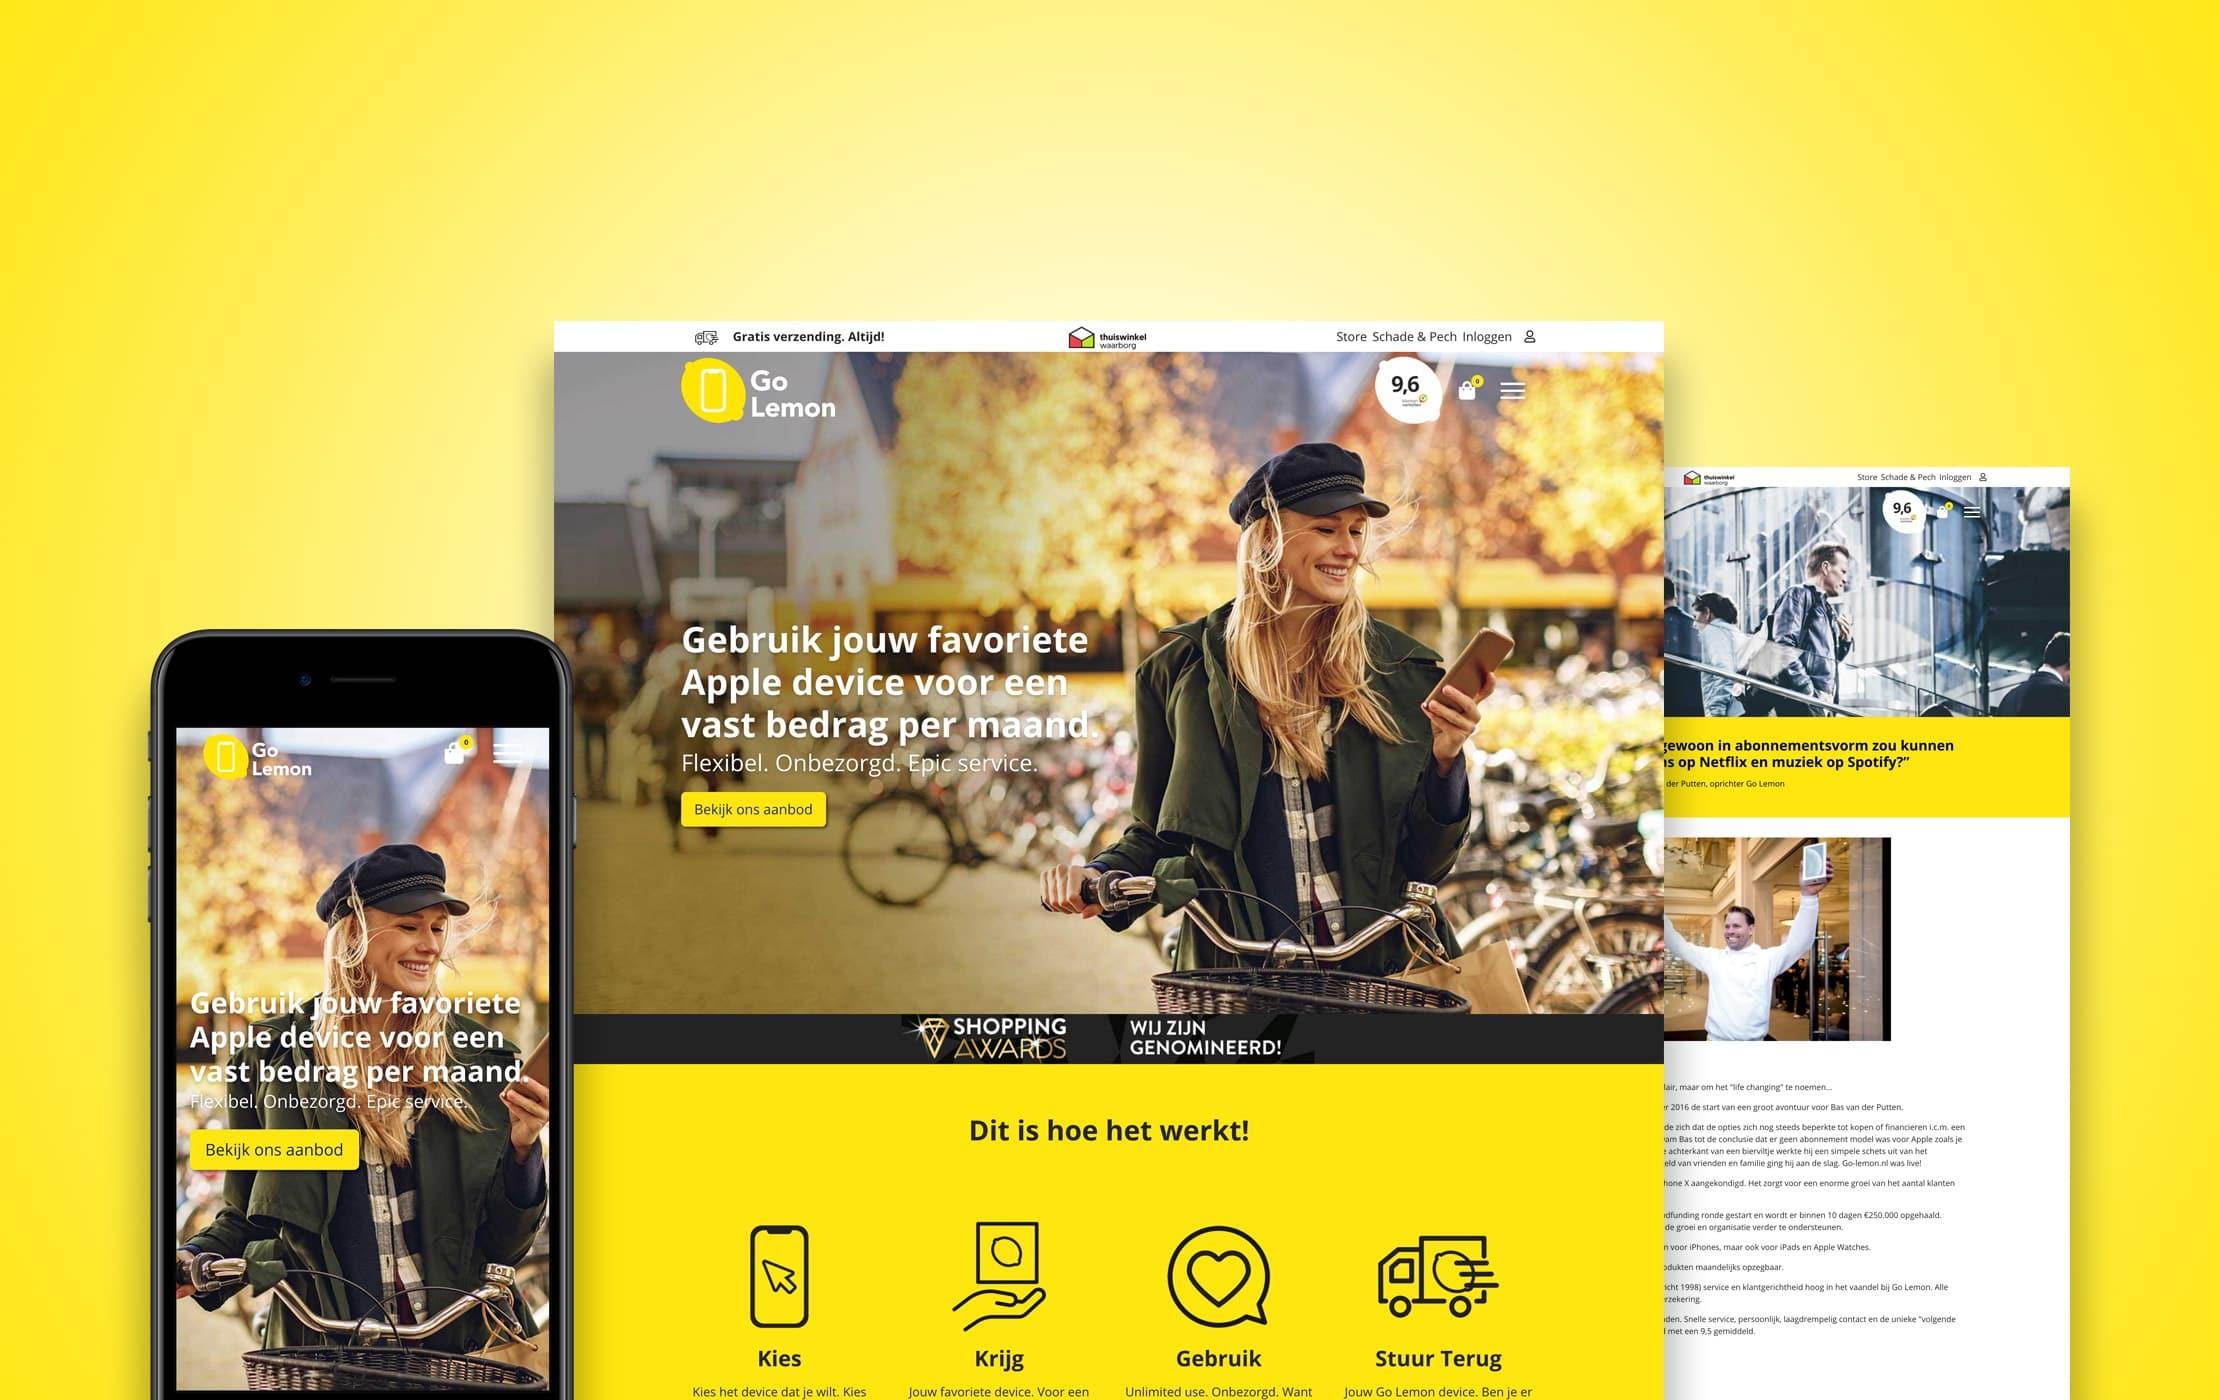 go-lemon-website-cover@2x